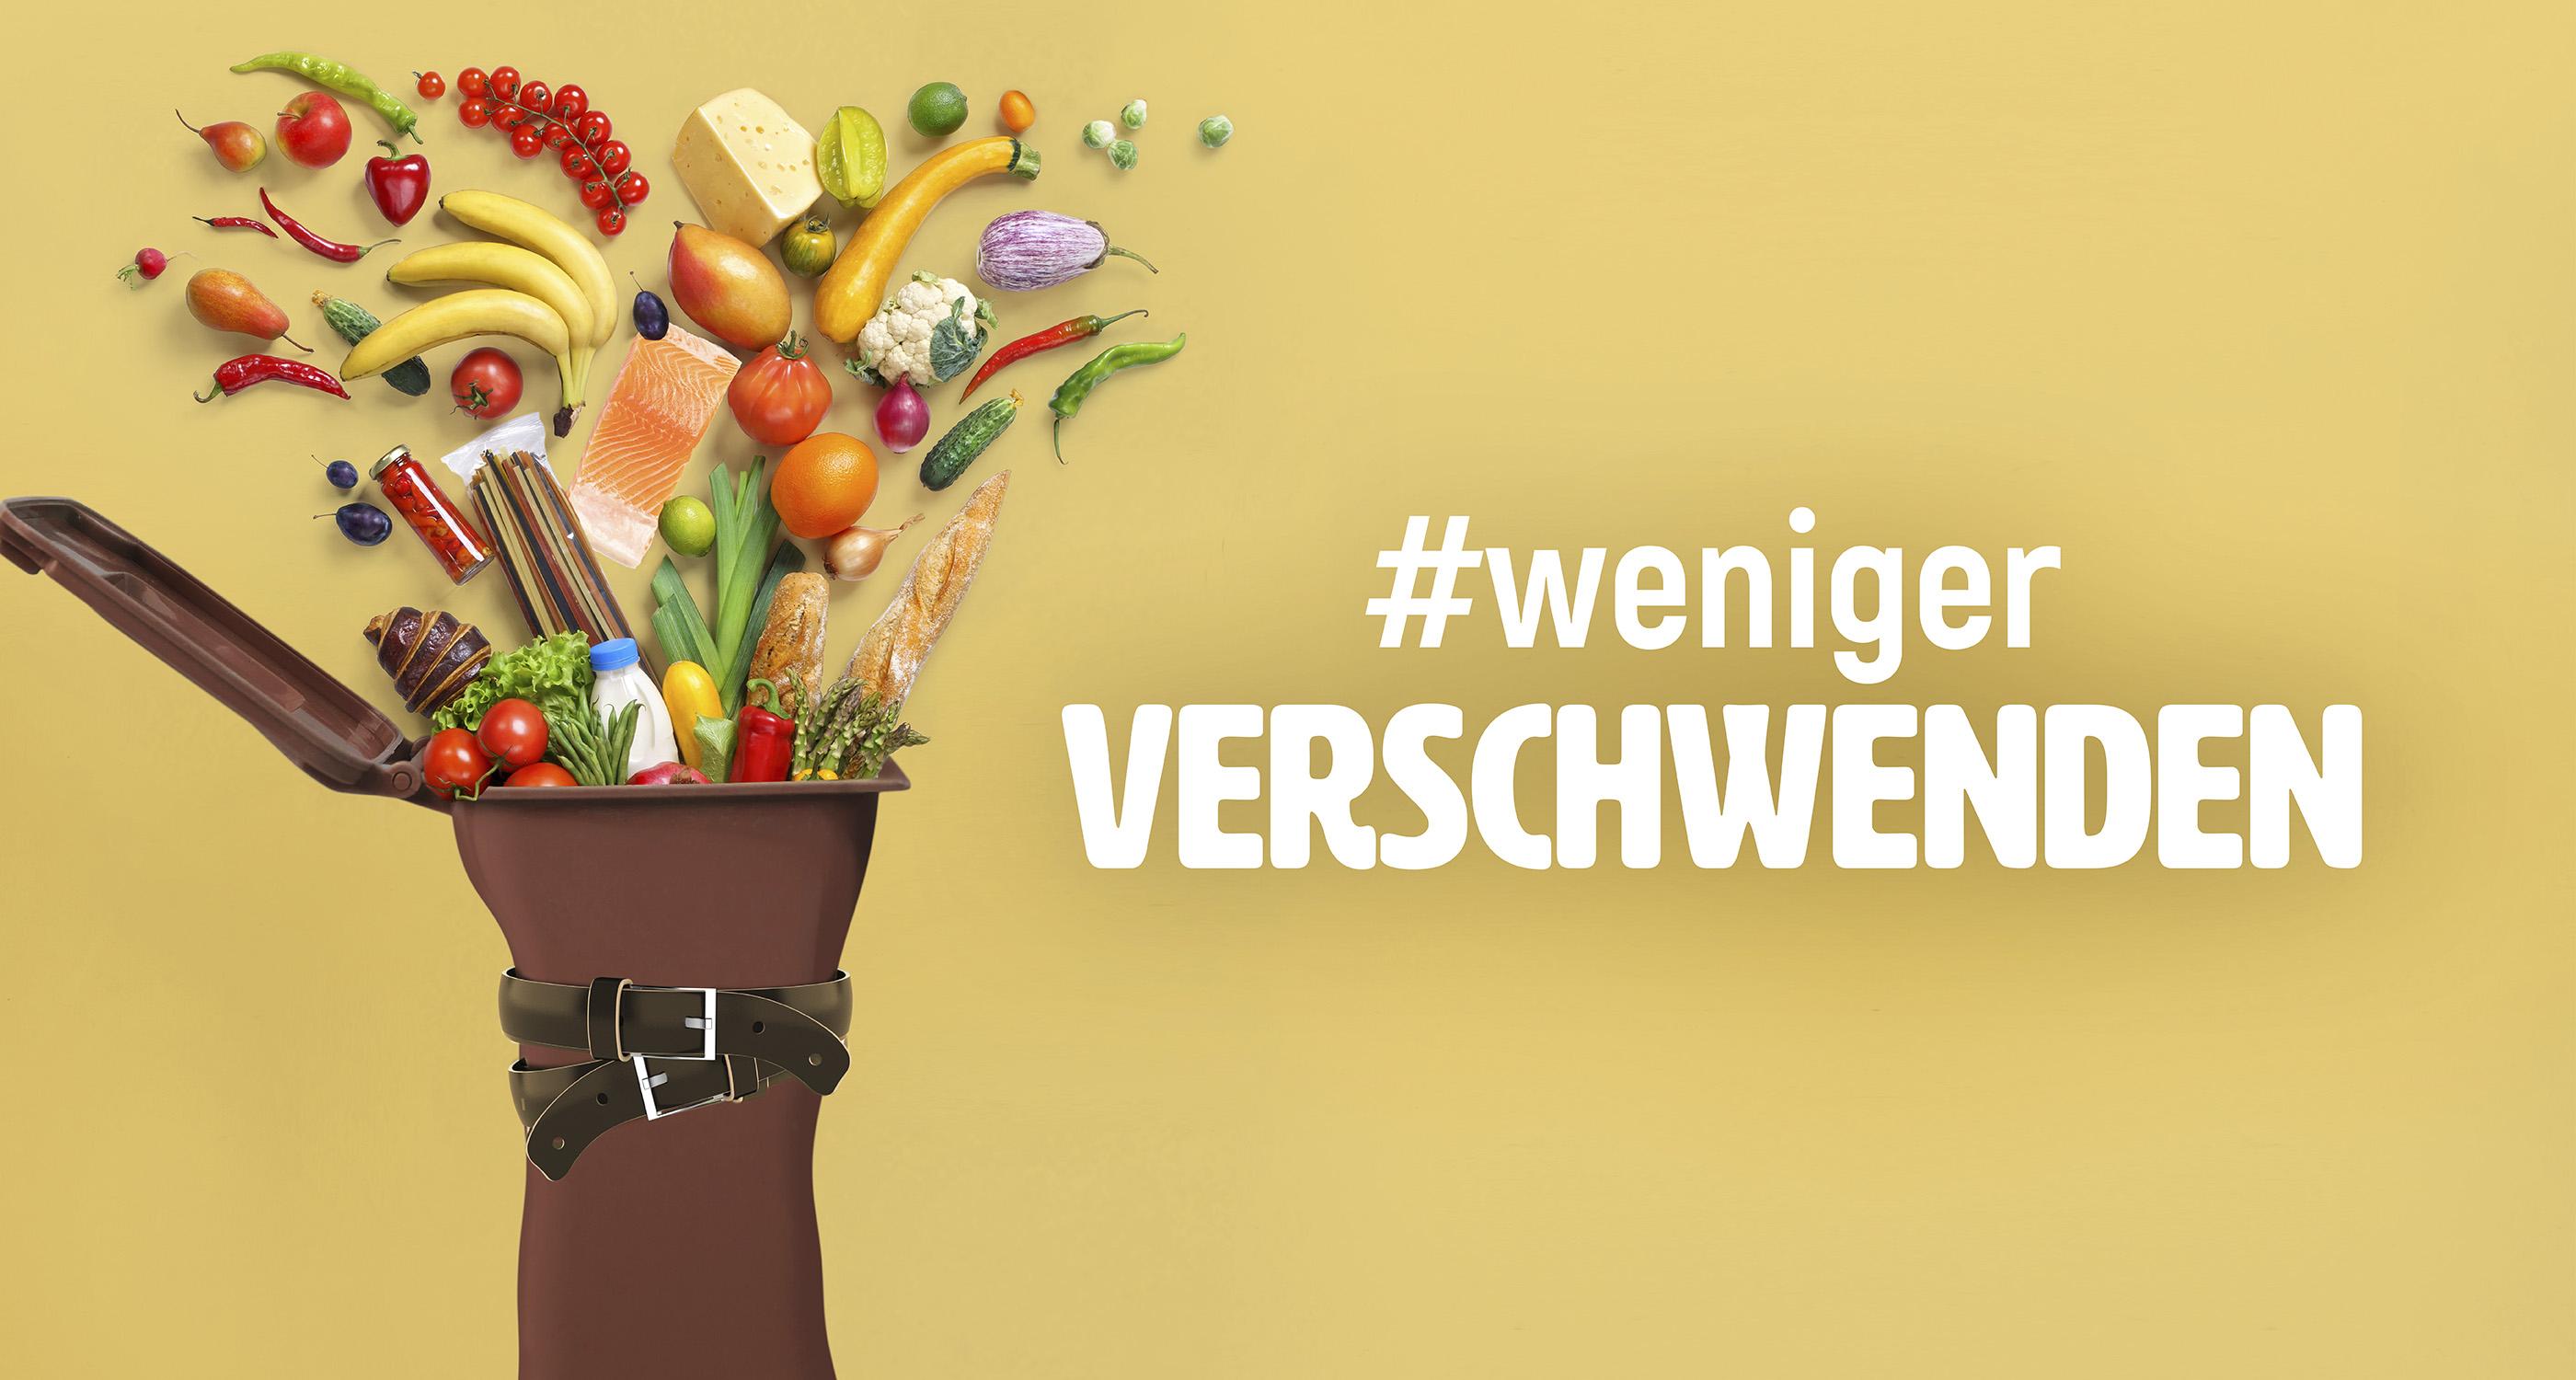 Bild der Sensibilisierungskampagne gegen Lebensmittelverschwendung